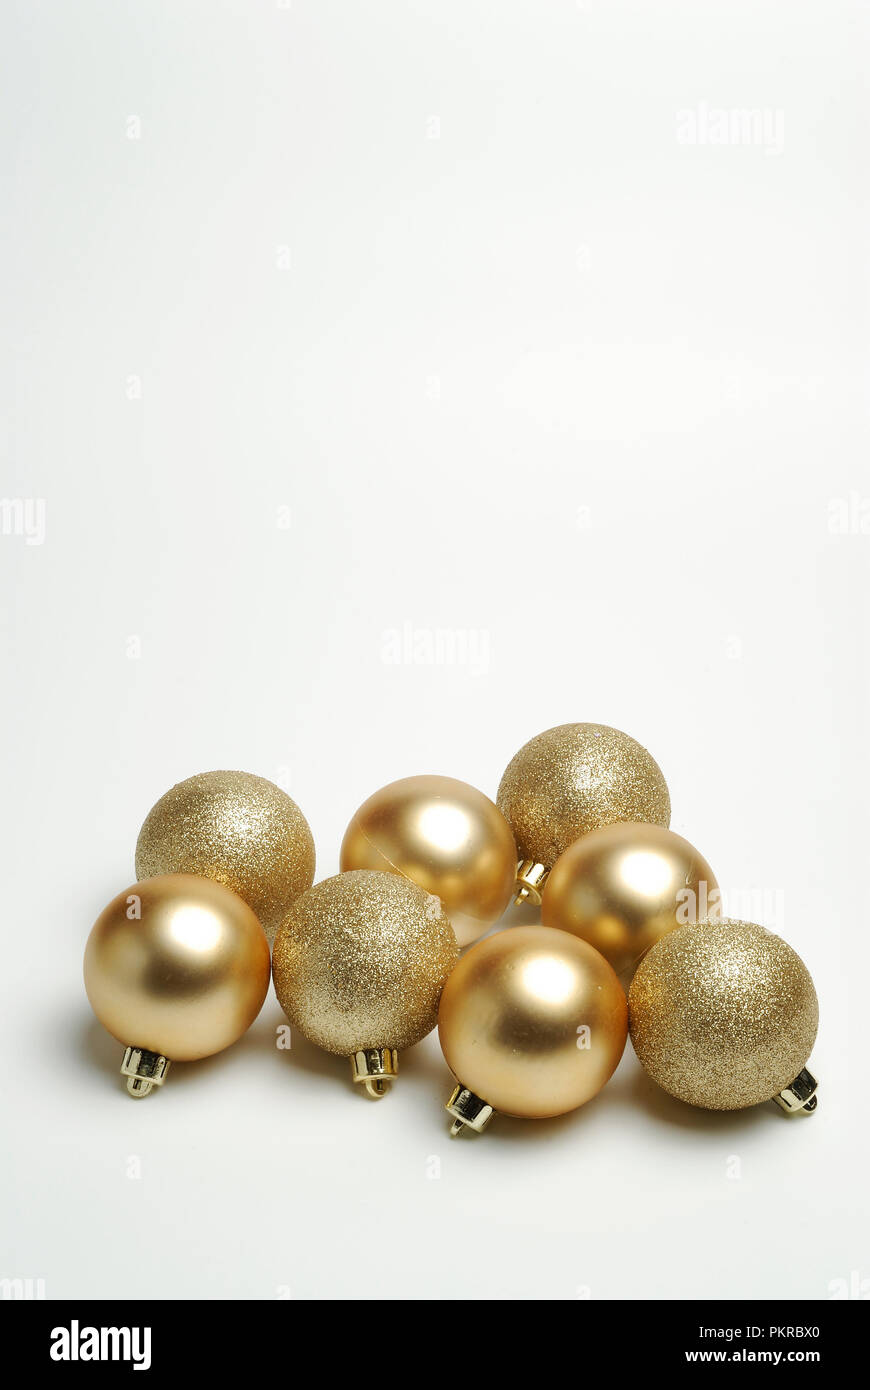 Bolas decorativas doradas sobre fondo blanco. Imagen De Stock